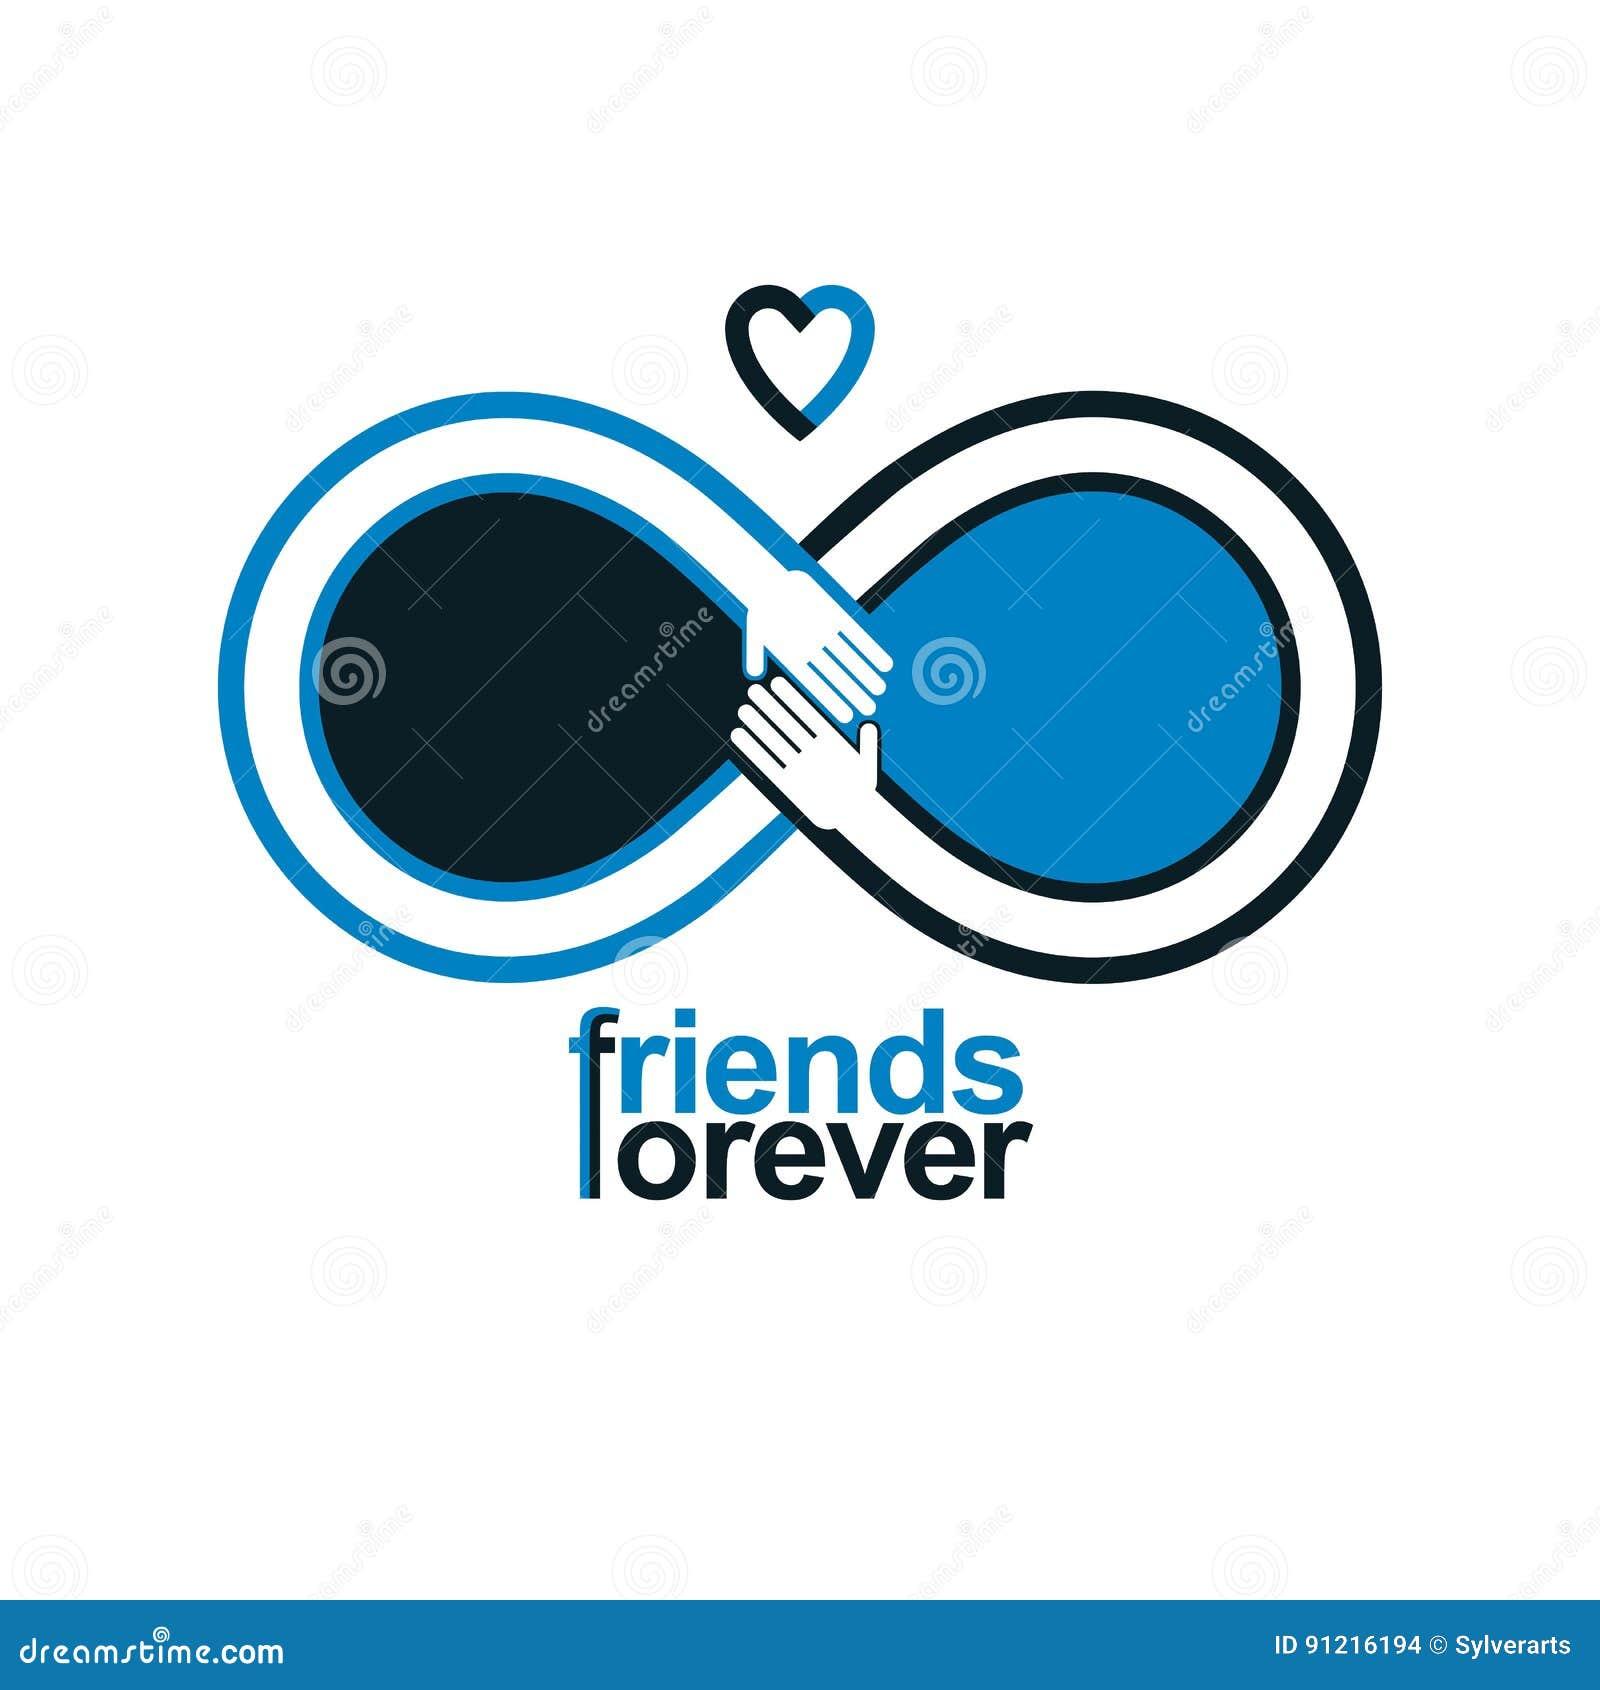 Friends Forever, Everlasting F...